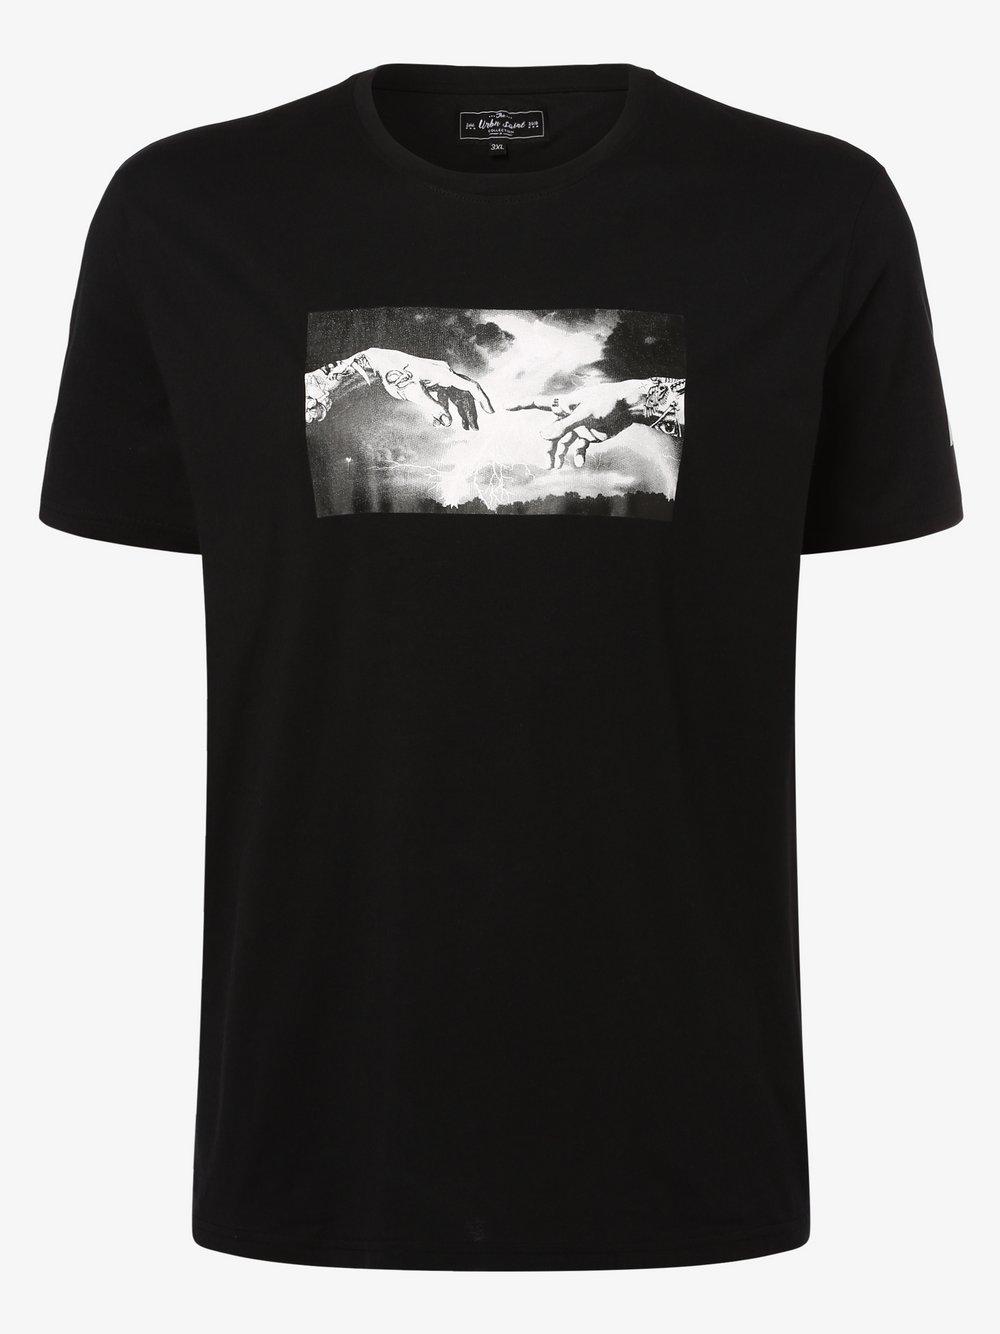 URBN SAINT – T-shirt męski – Usgeorge, czarny Van Graaf 469729-0001-09987